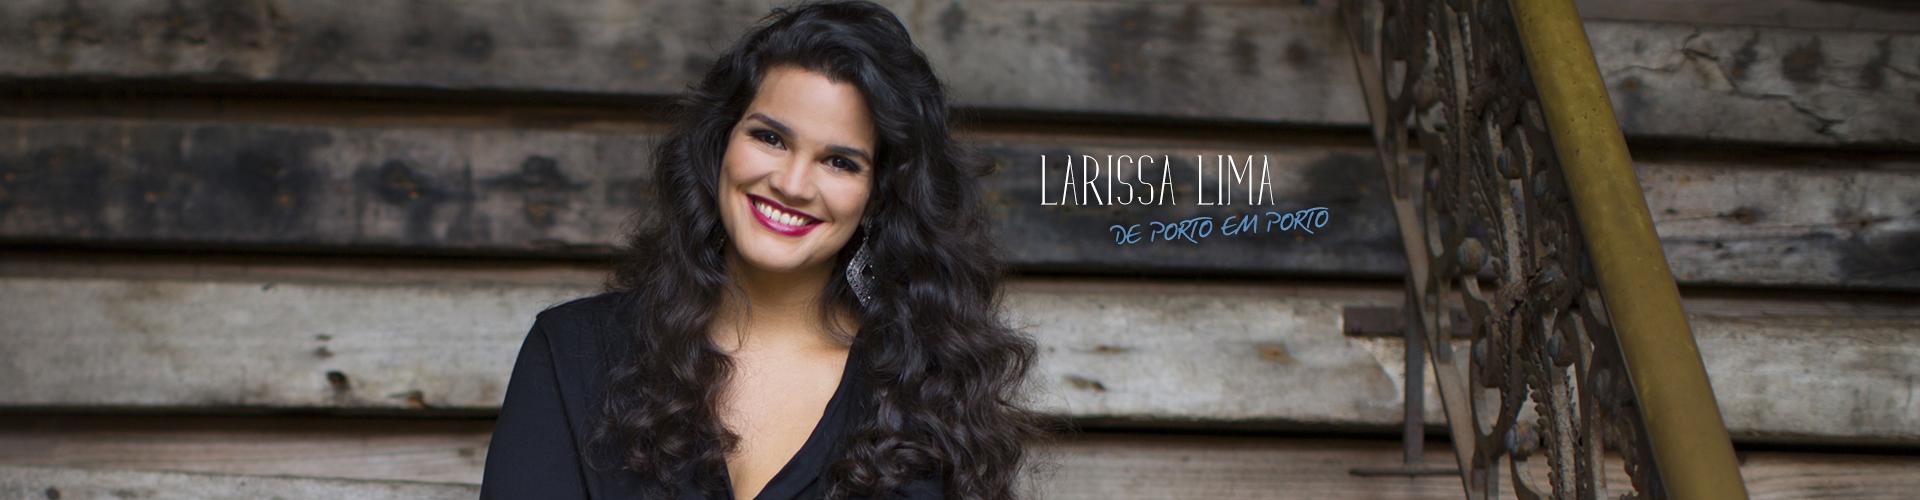 Larissa Lima de Porto em Porto